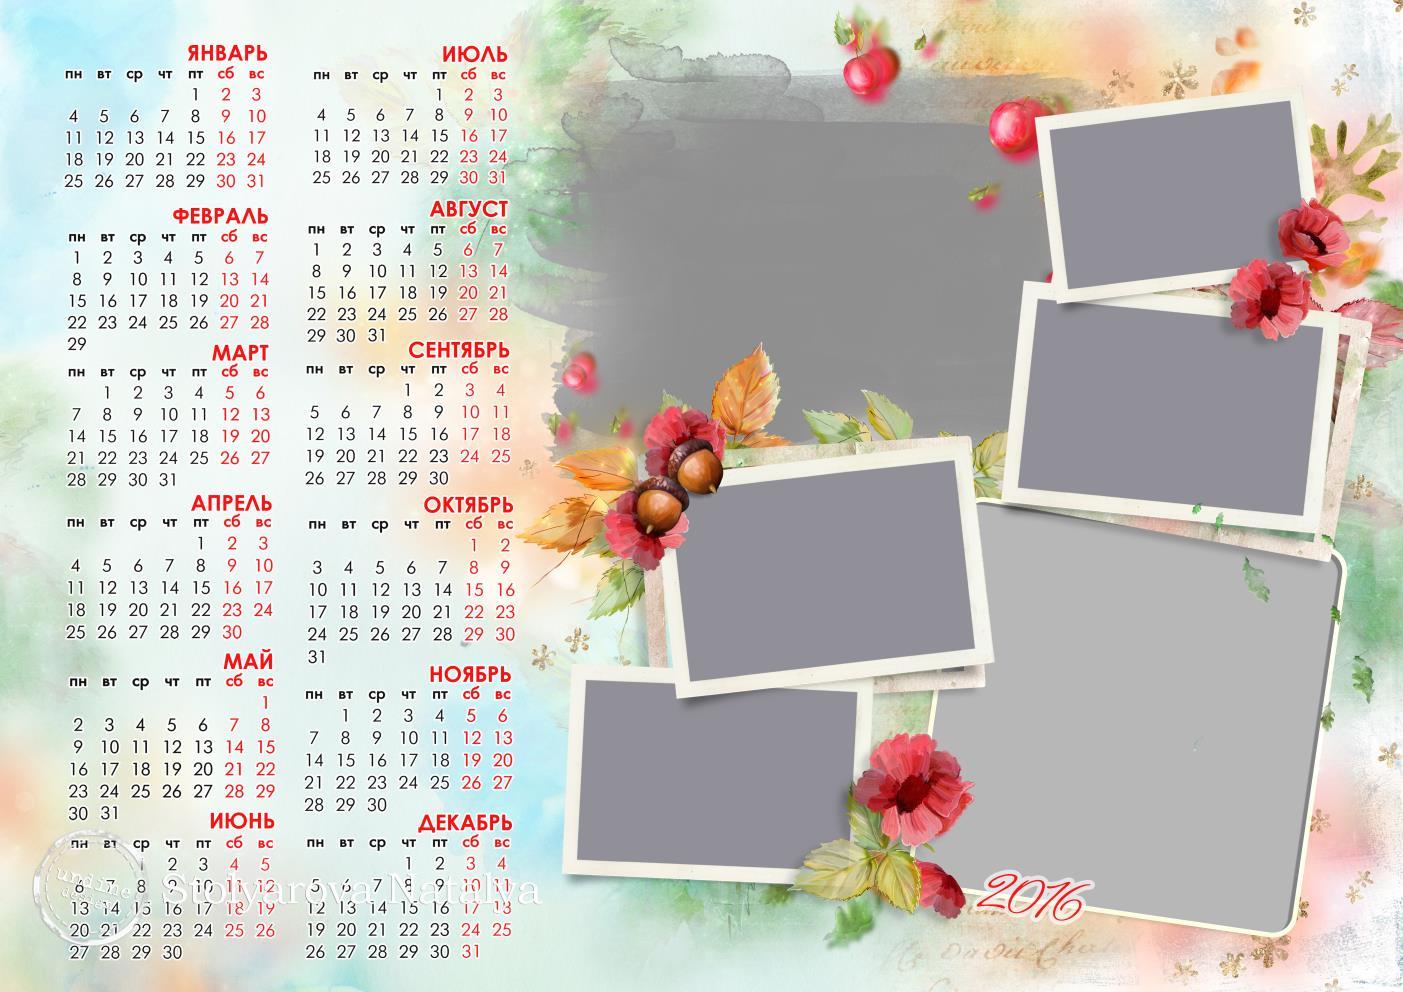 Скачать бесплатно шаблон - перекидной календарь на 2010 год, шаблоны